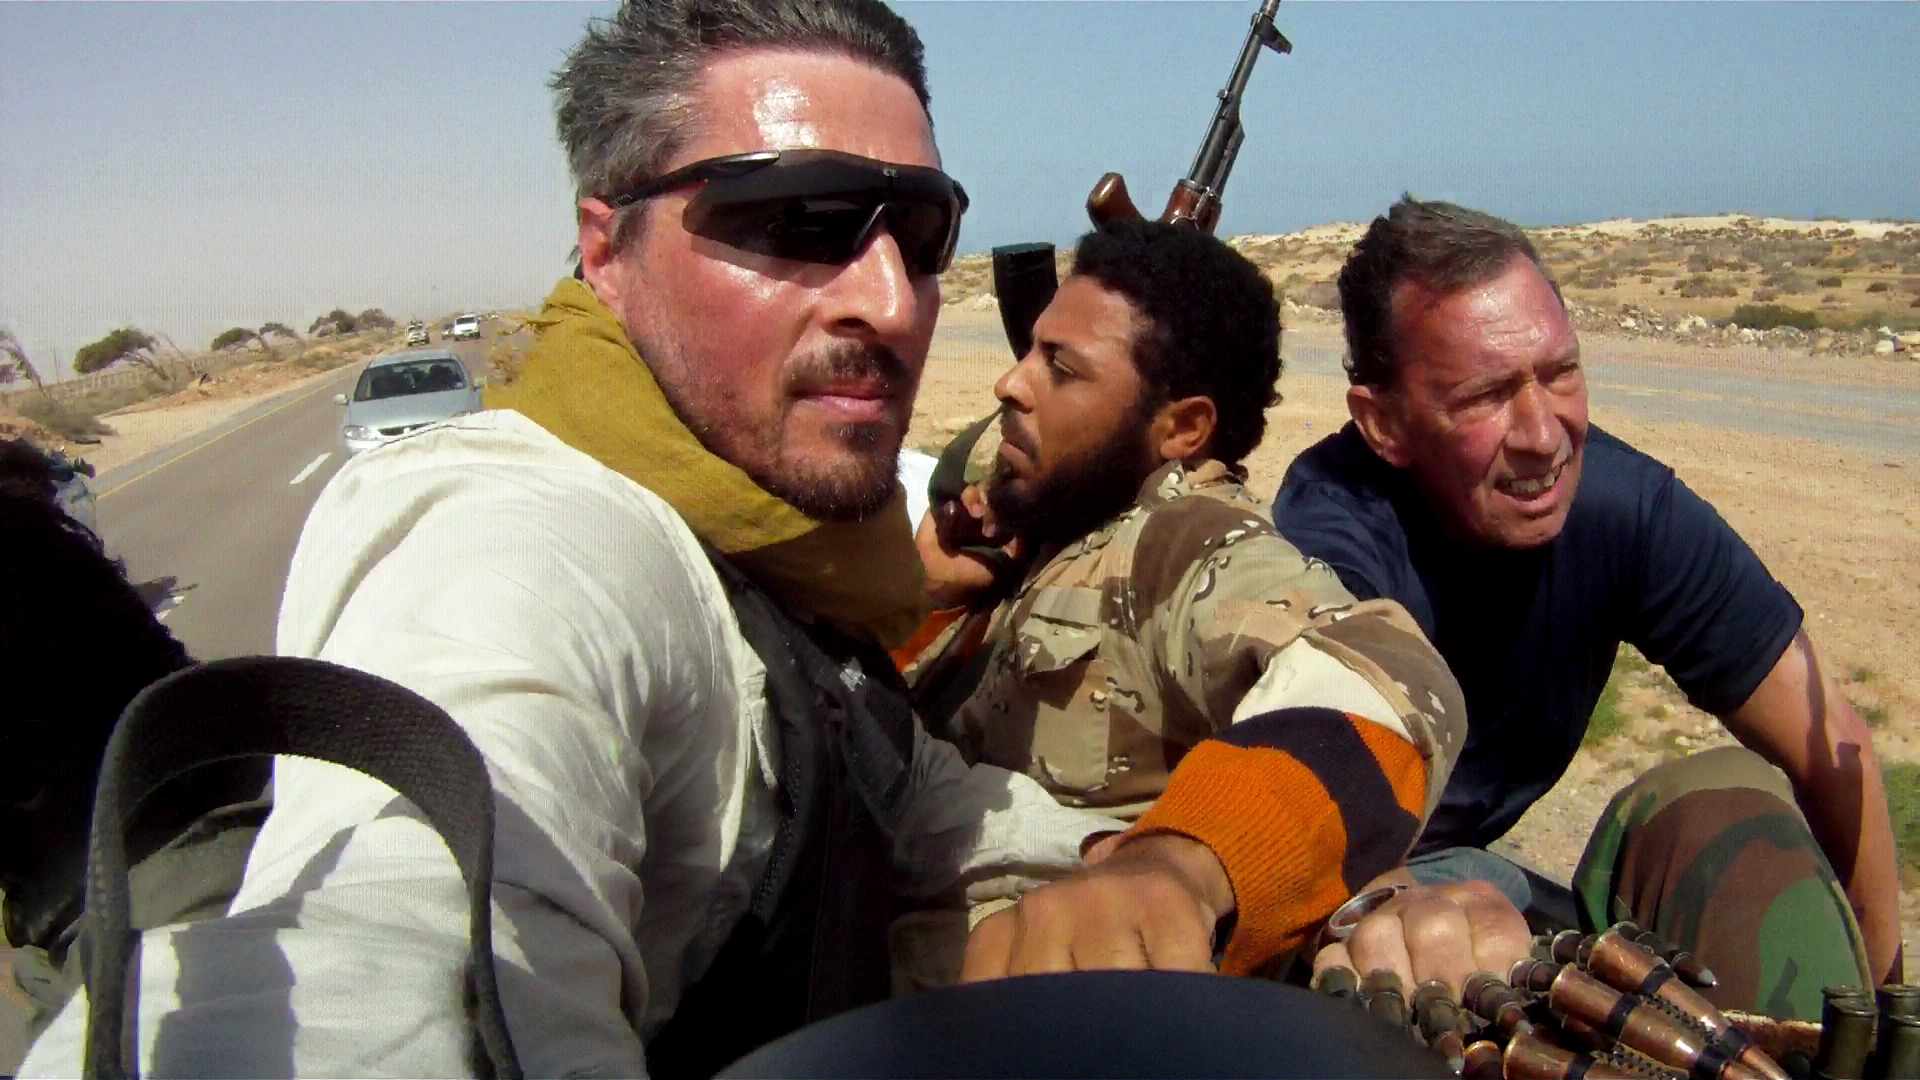 Finbarr O'Reilly in Libya